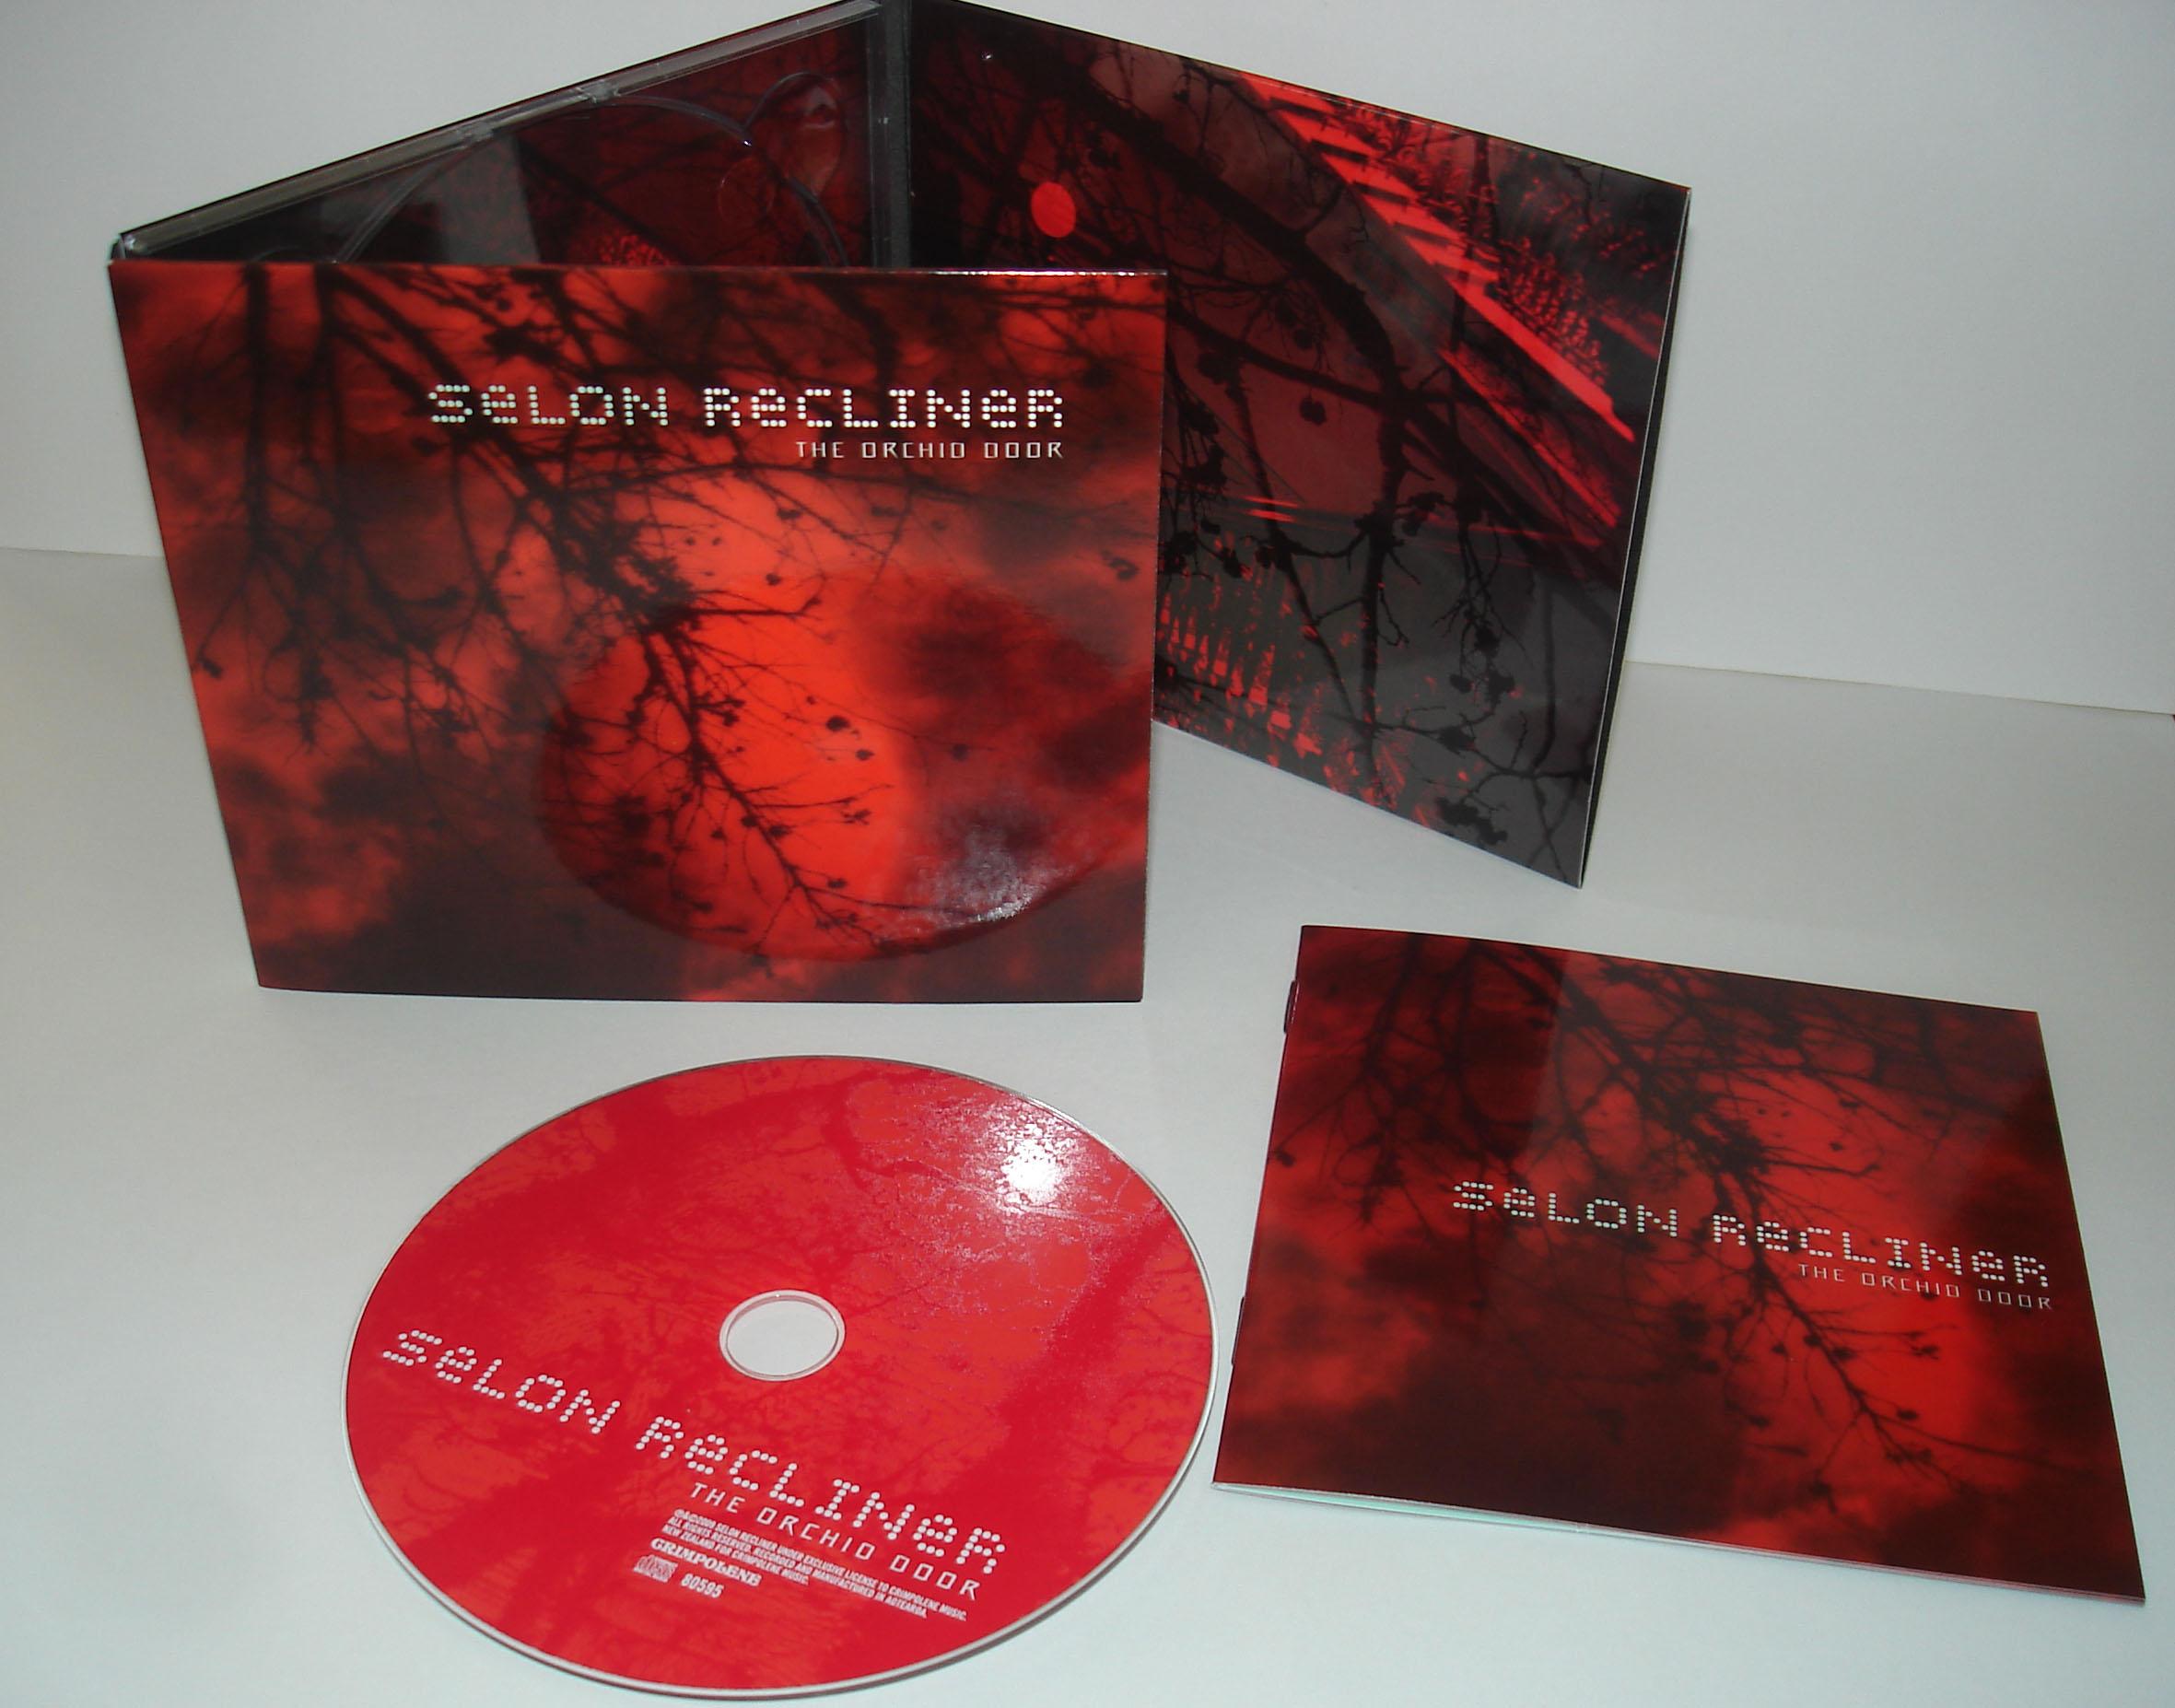 SELON RECLINER - THE ORCHID DOOR - ALBUM